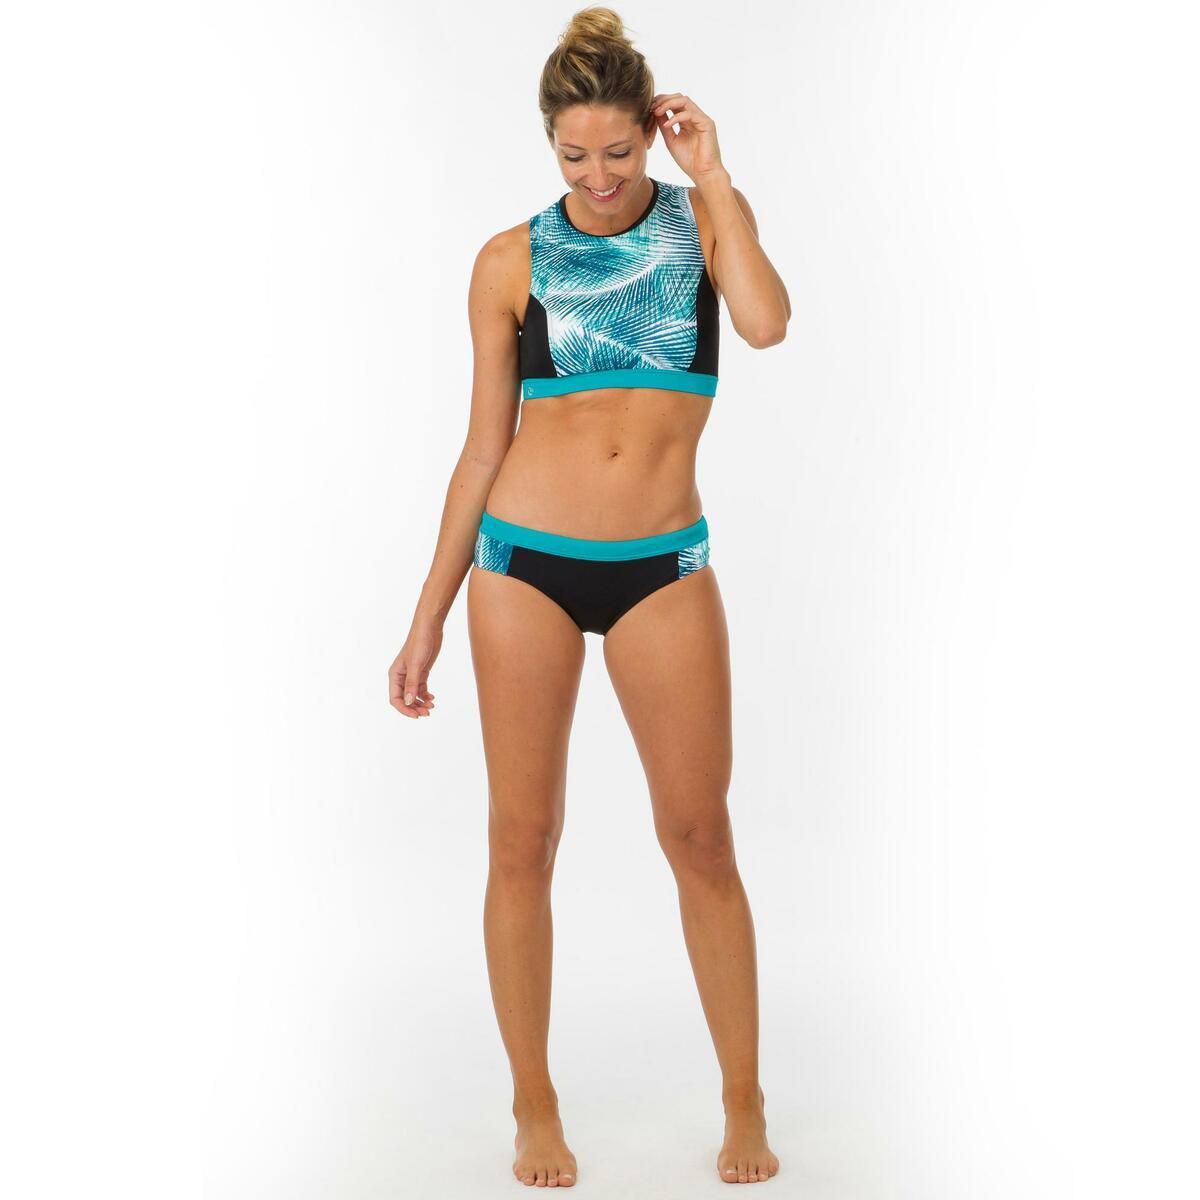 Bild 3 von Bikini-Oberteil Bustier Carla Bondi mit Back Zip Surfen Damen